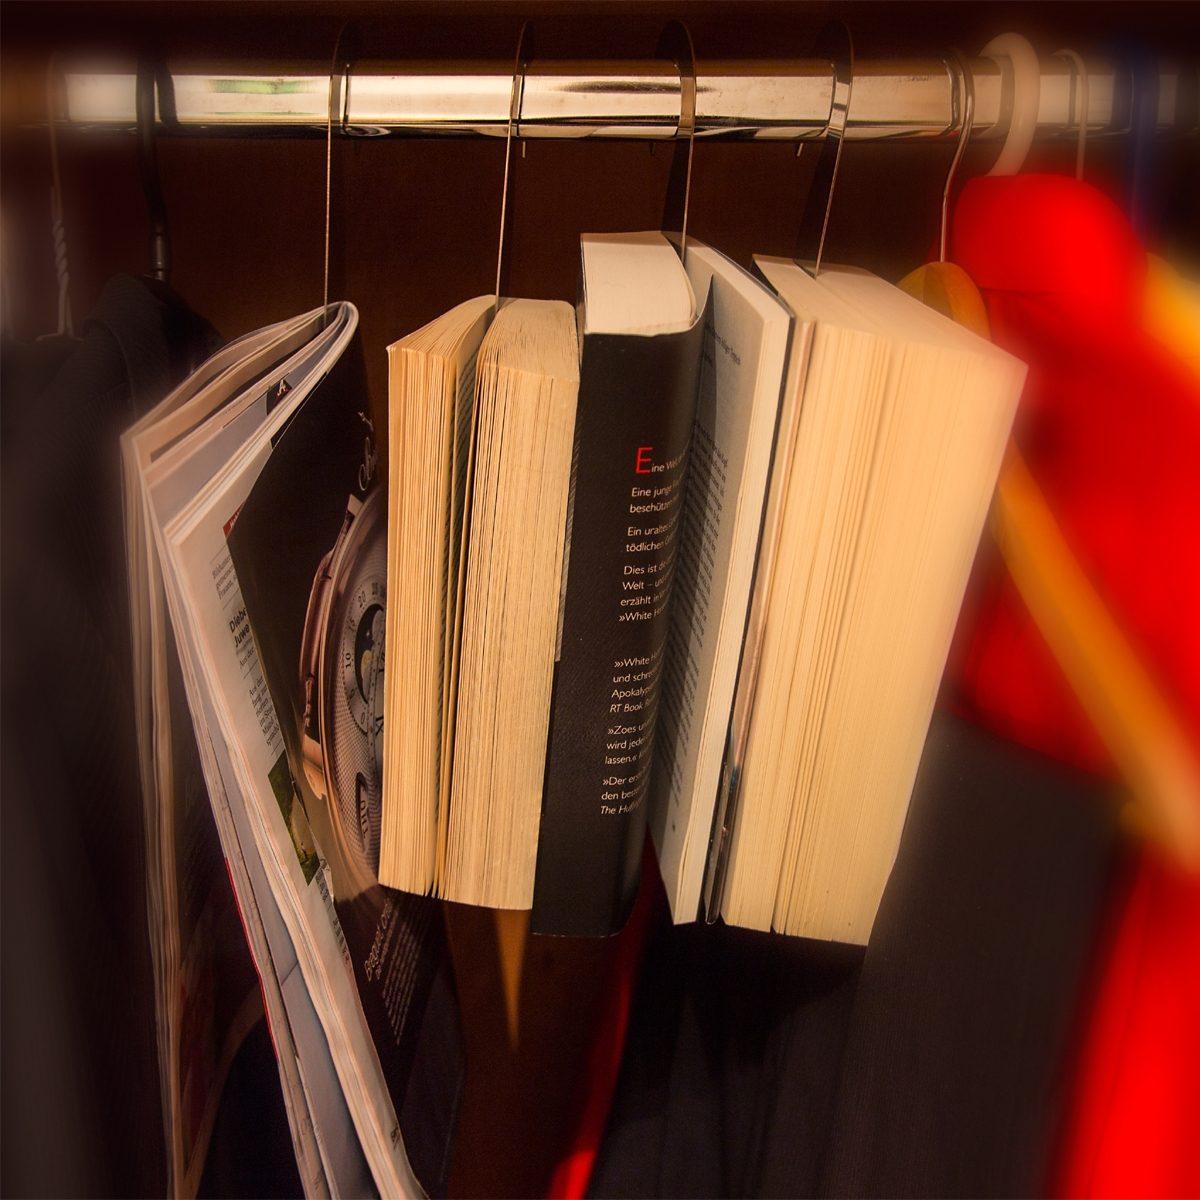 Stahlglanz Stahlglanz Bücherhaken Edelstahl glänzend